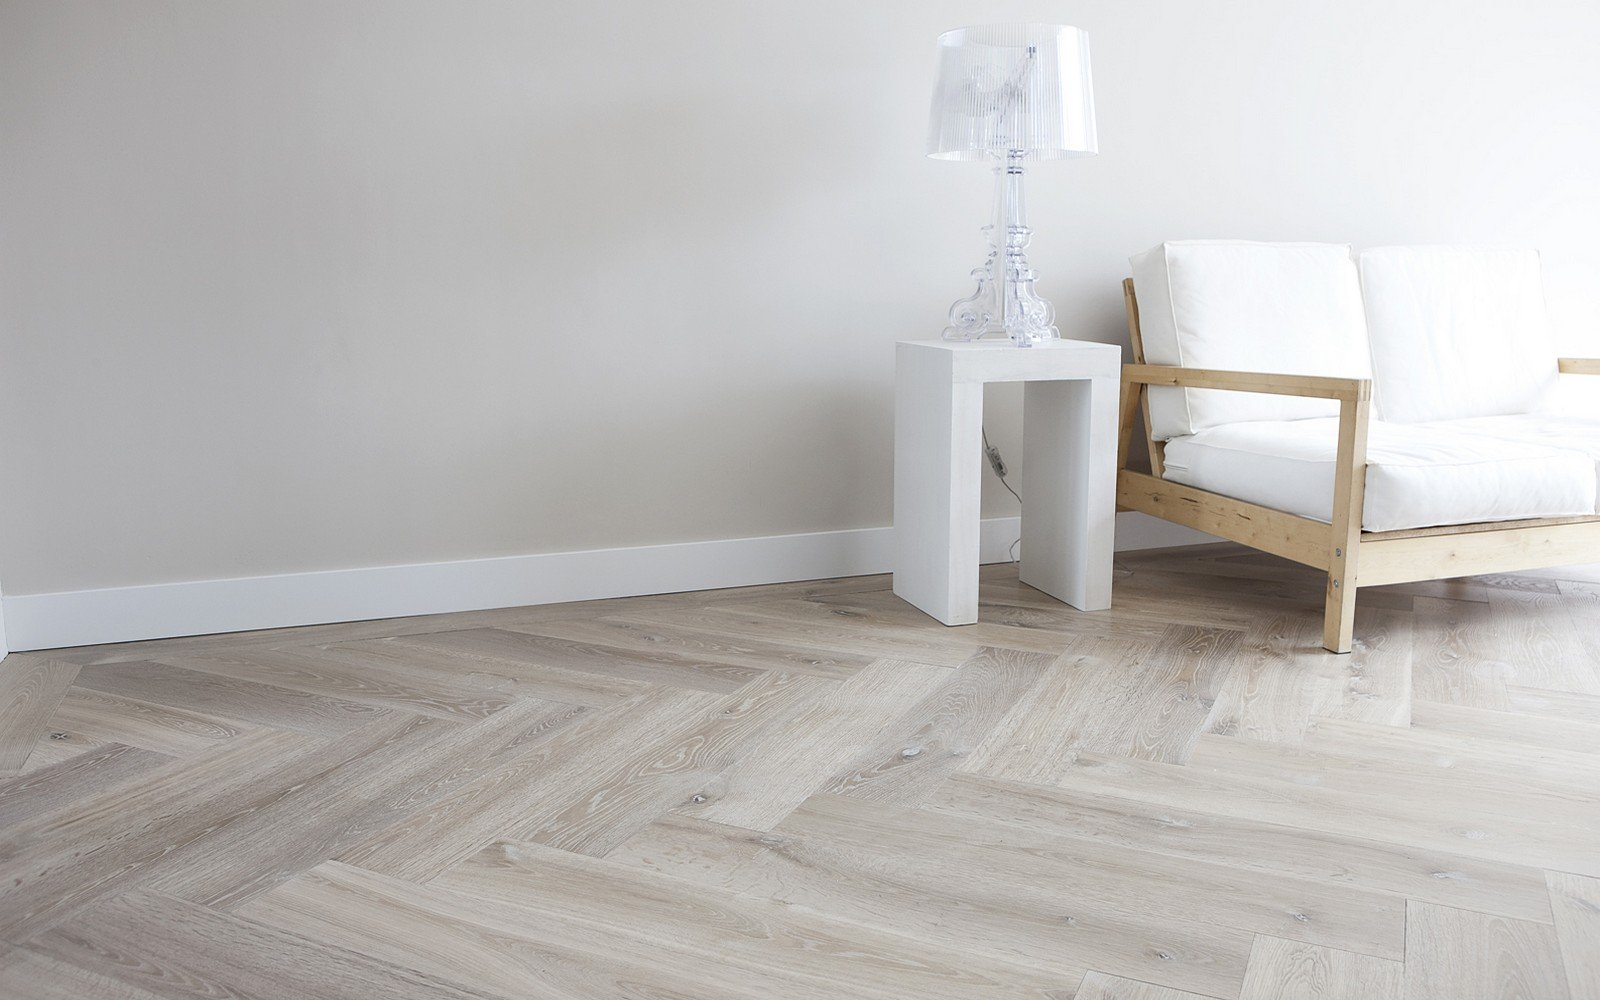 Grijs Laminaat Woonkamer : Soorten vloerbedekking slaapkamer sitebeeld alle soorten laminaat